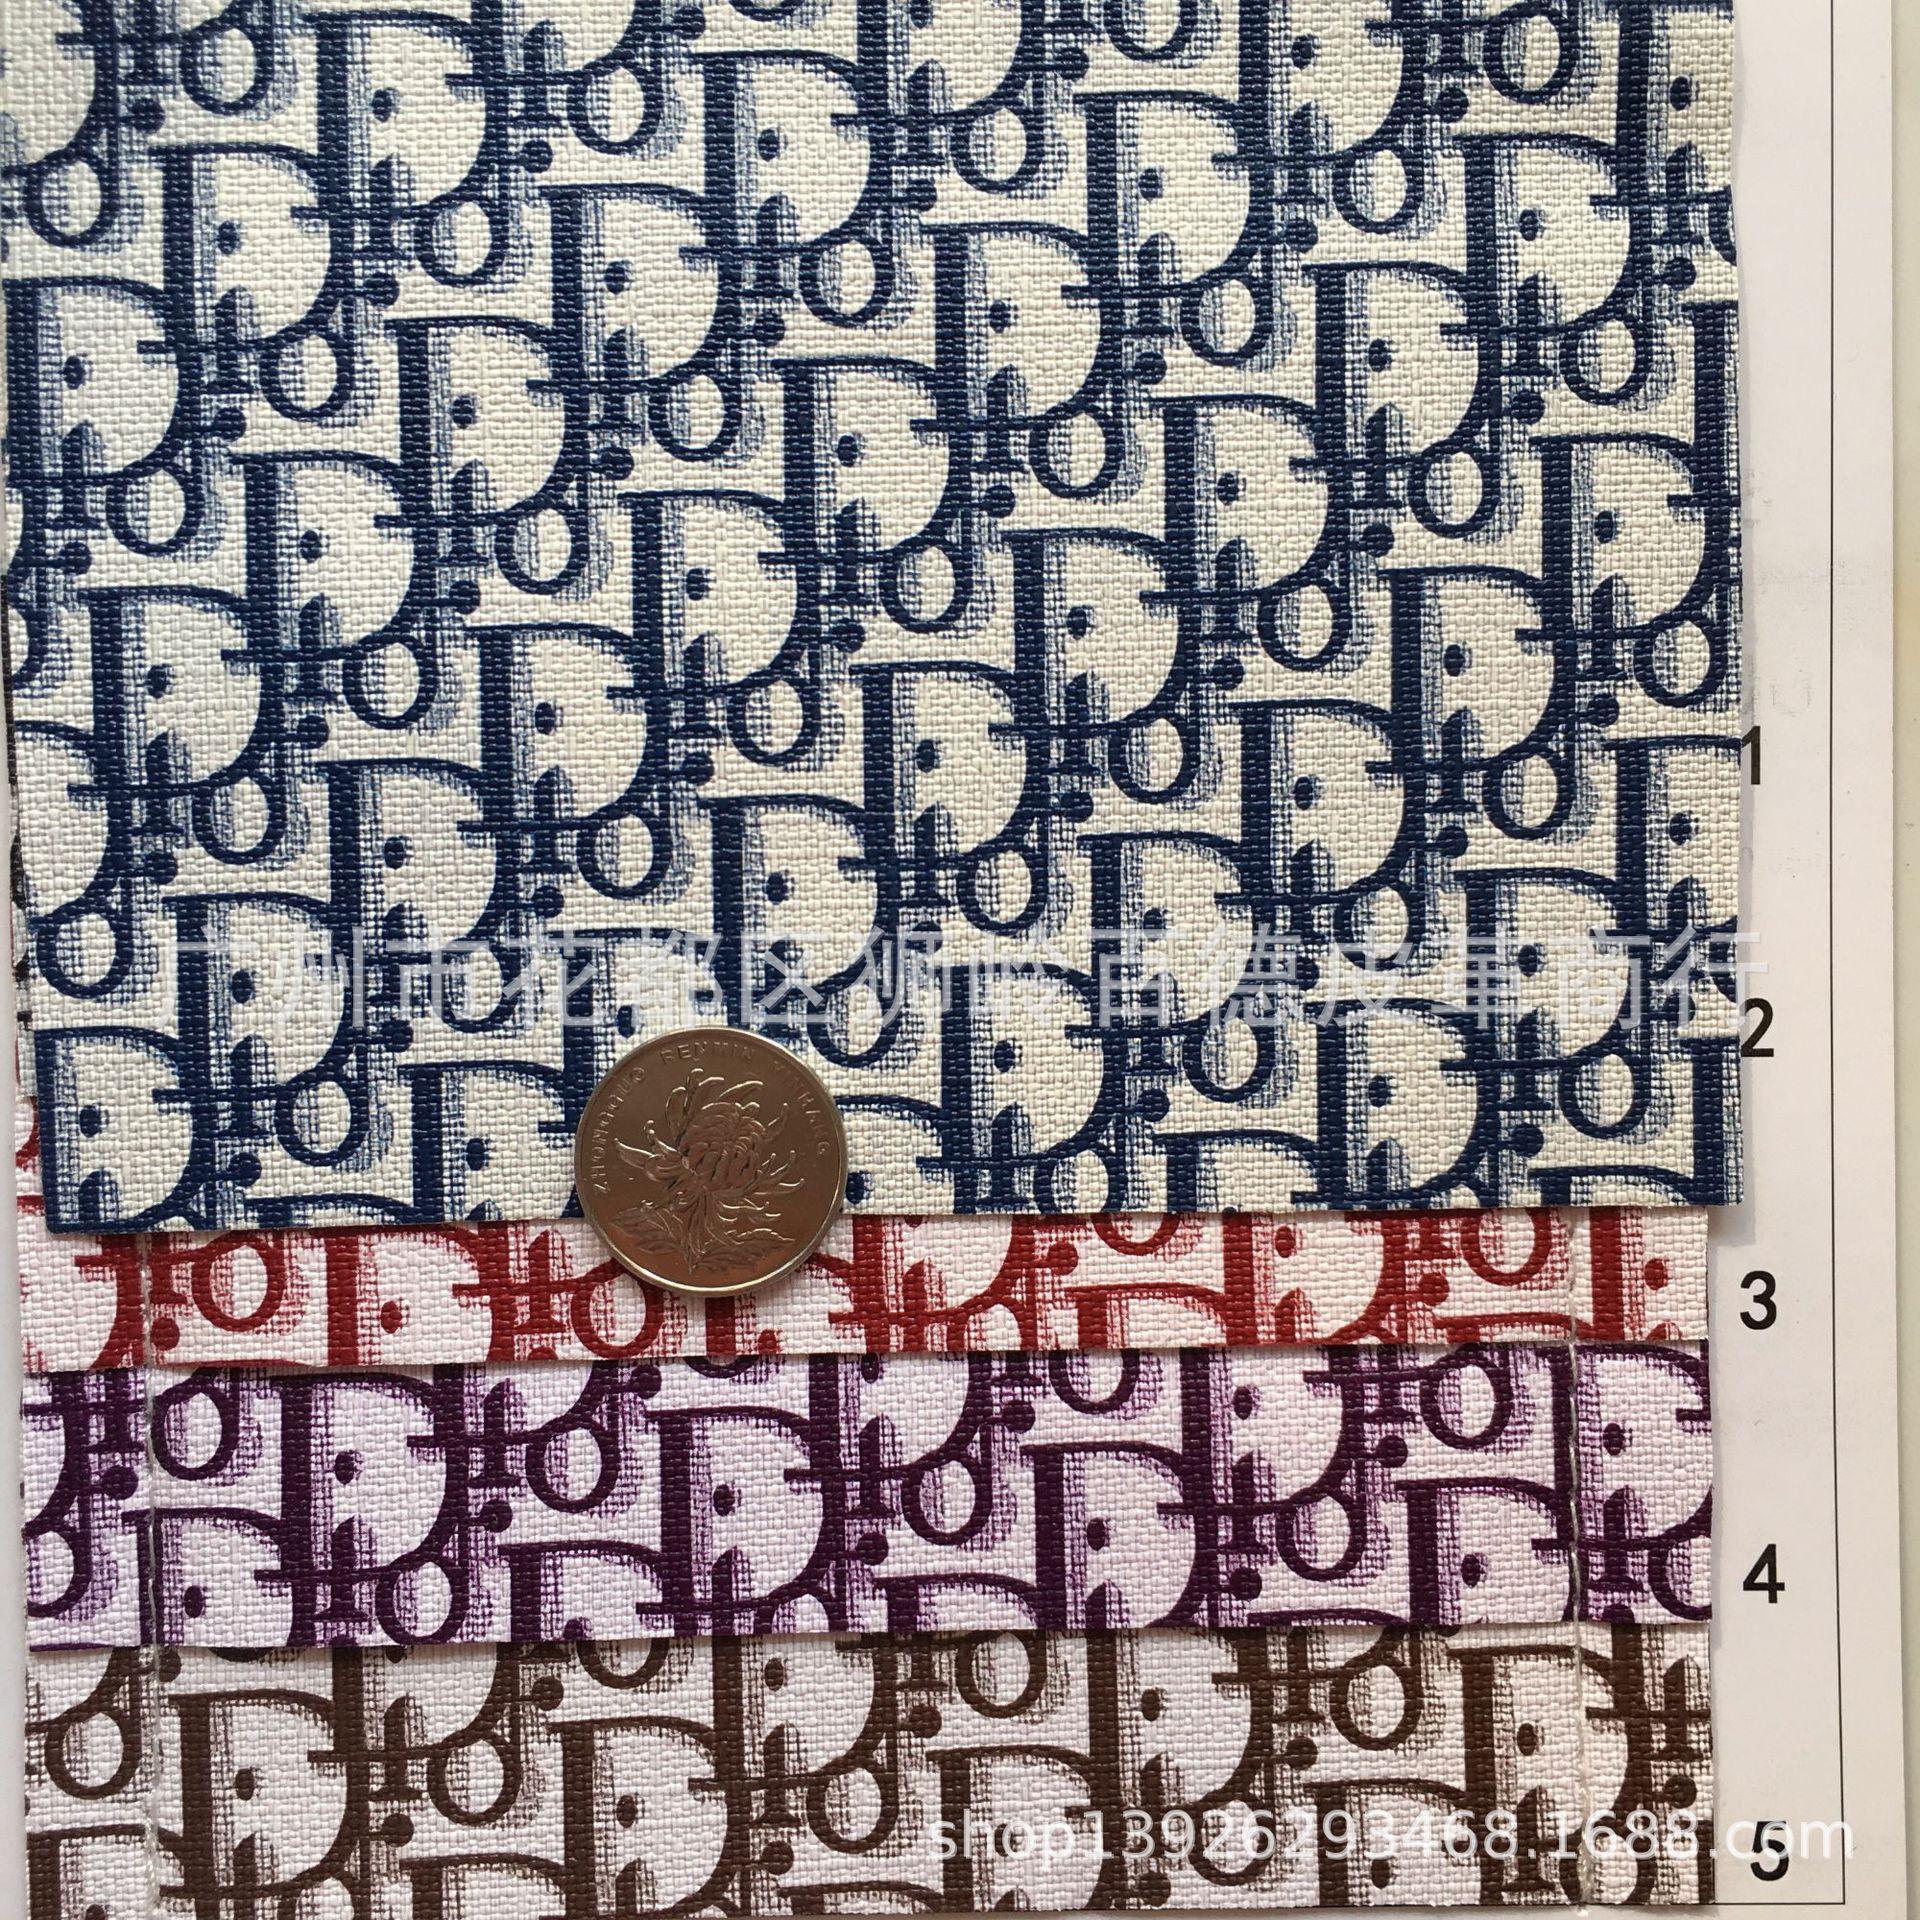 K1290 字母老花料 印花皮革 钱包鞋帽 化妆包袋 人造革仿皮面料